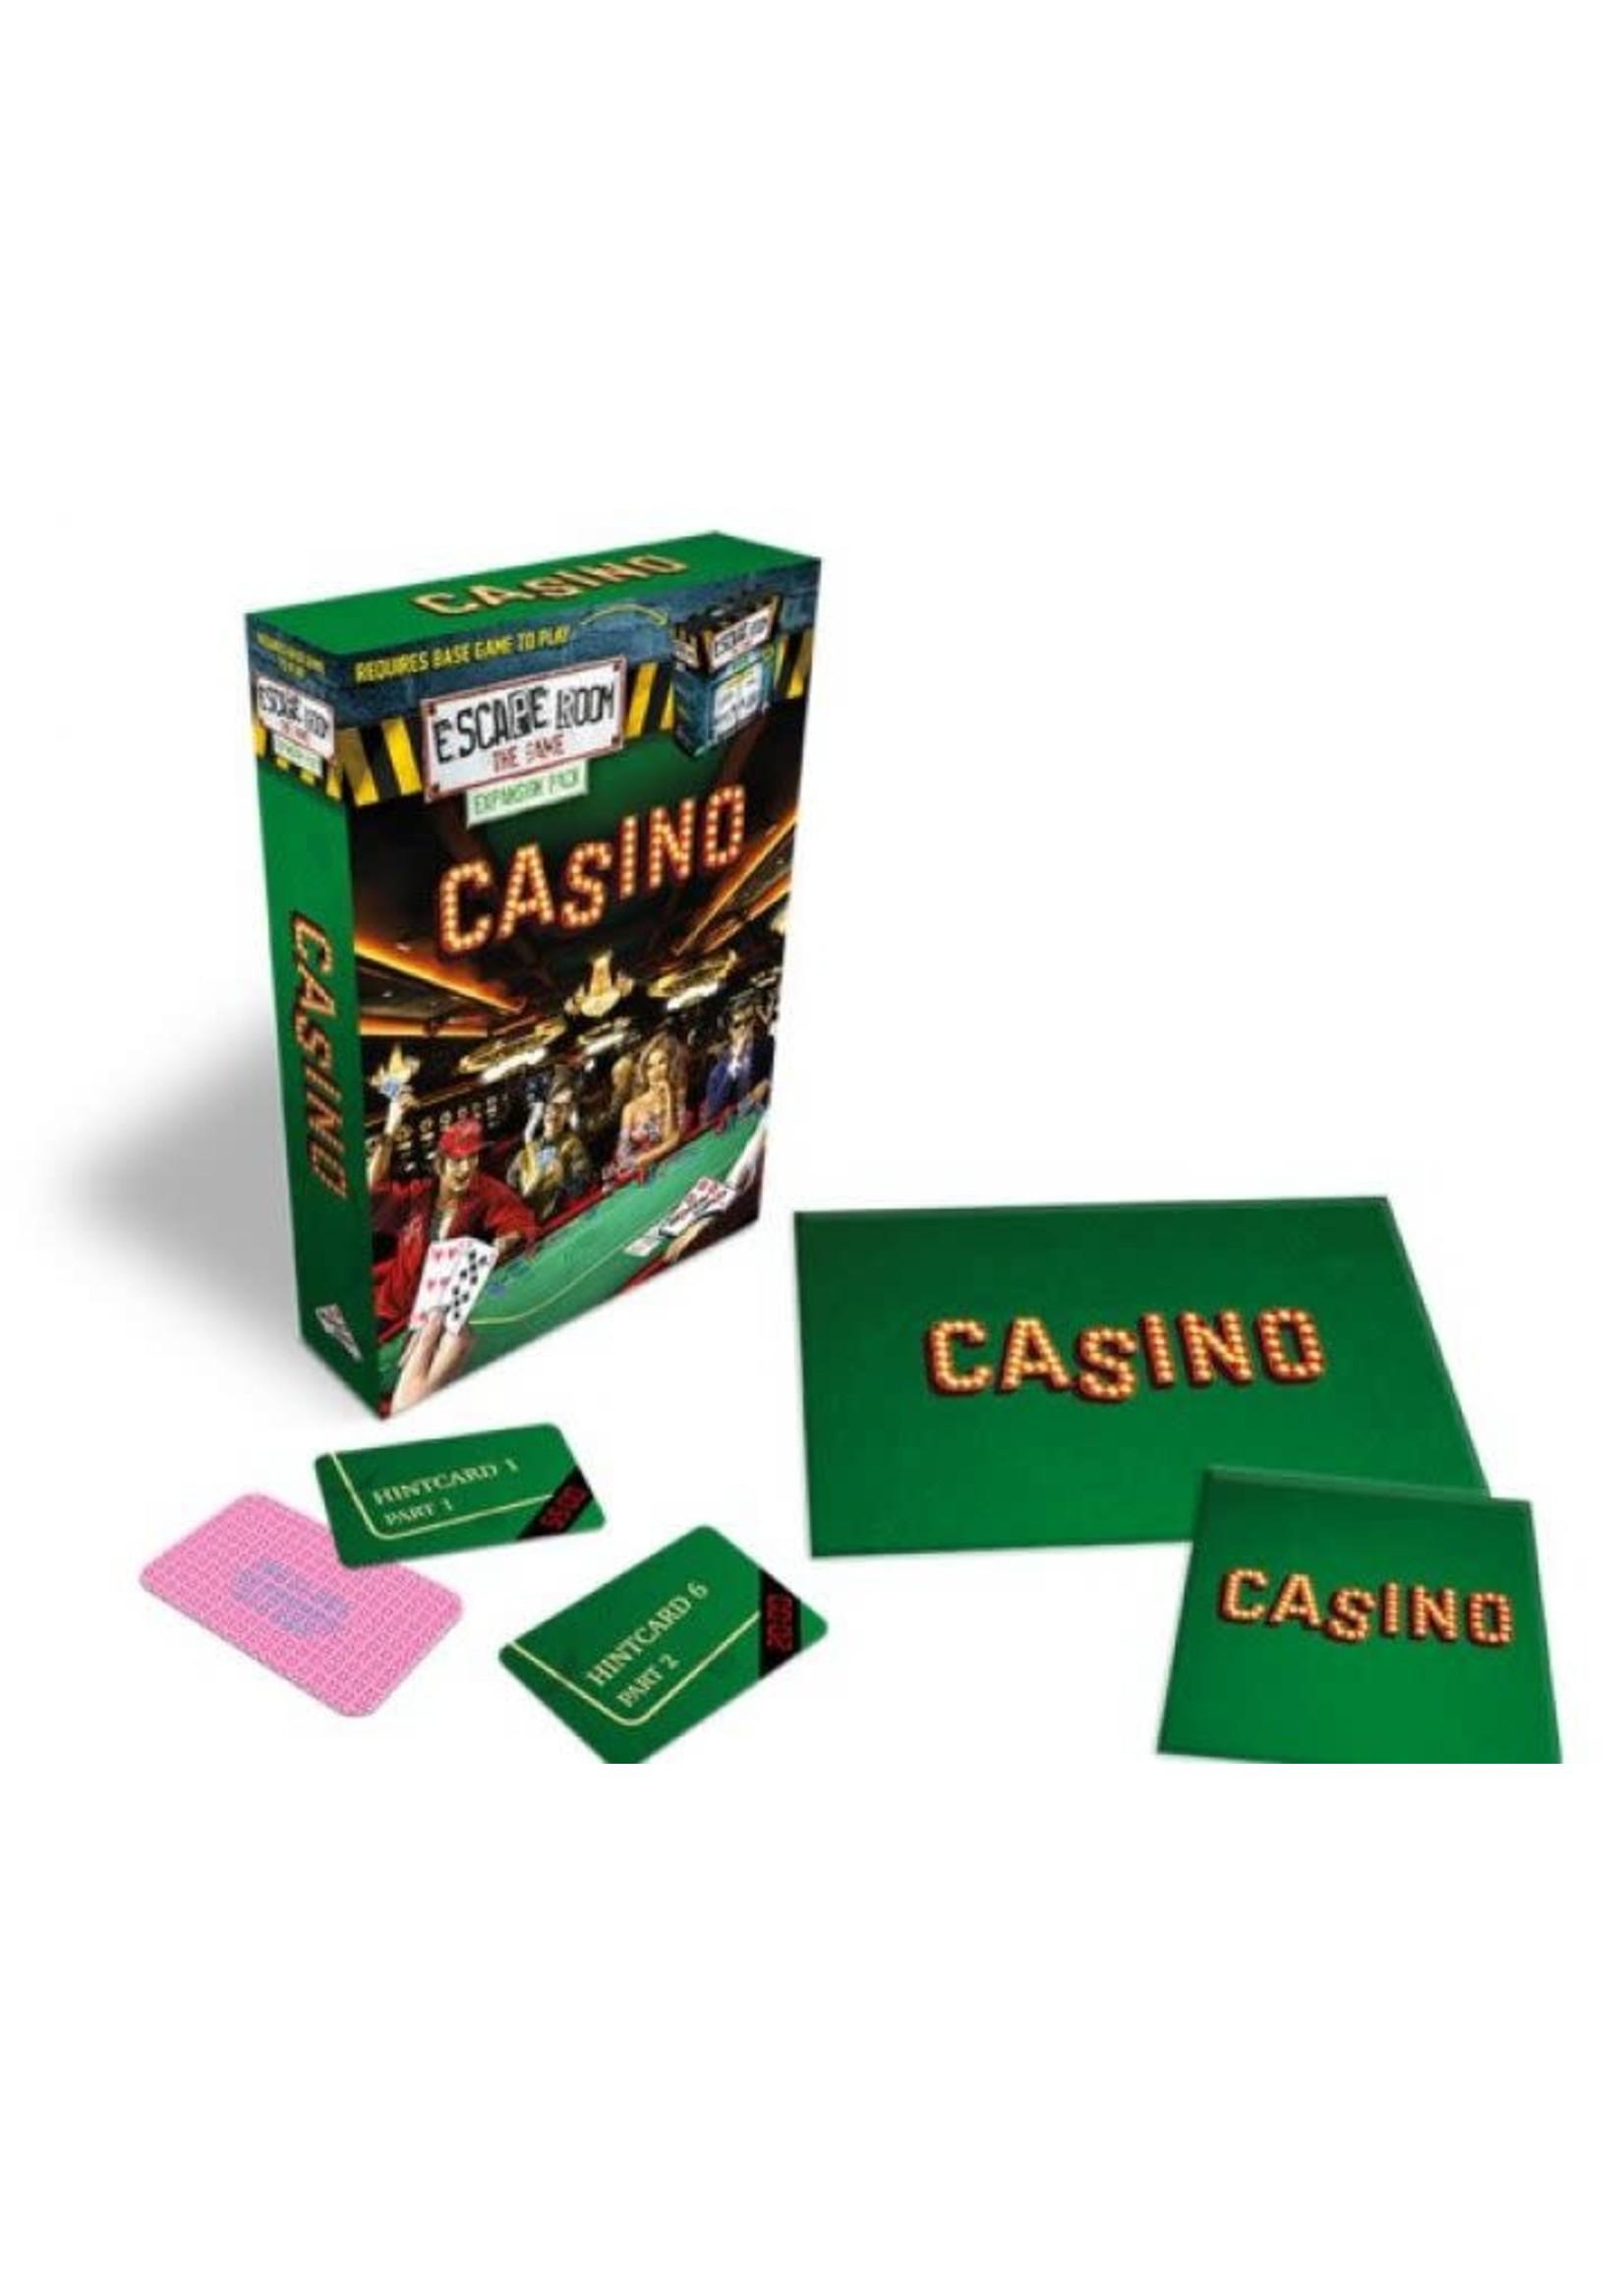 Escape Room The Game Casino